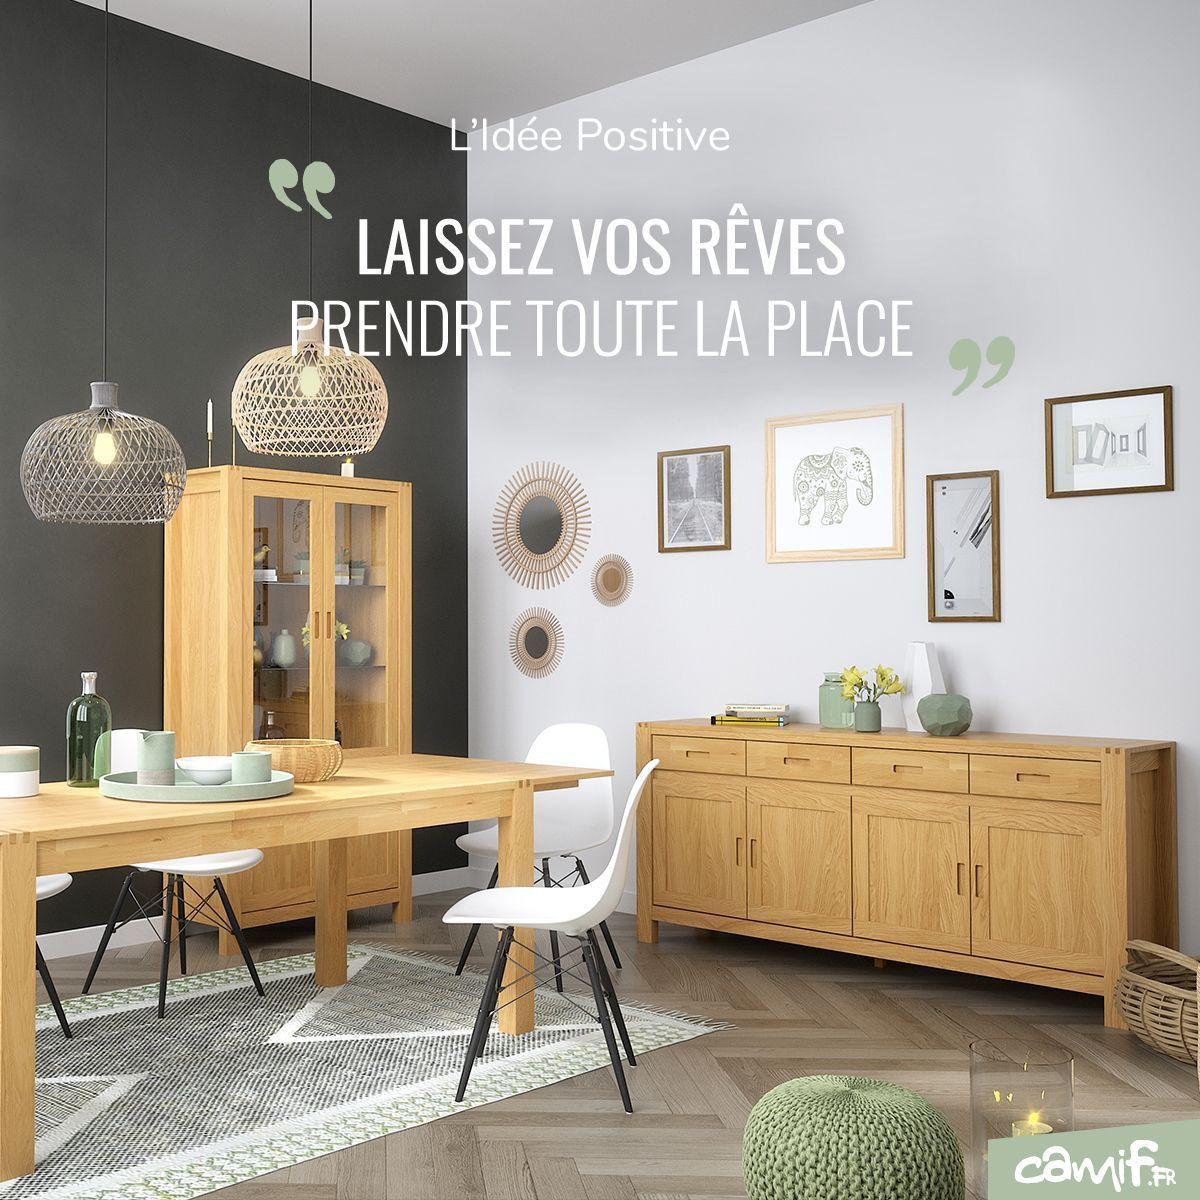 Epingle Par Camif Sur Lire Des Idees Positives Ca Fait Du Bien Mobilier De Salon Decoration Maison Meuble Design